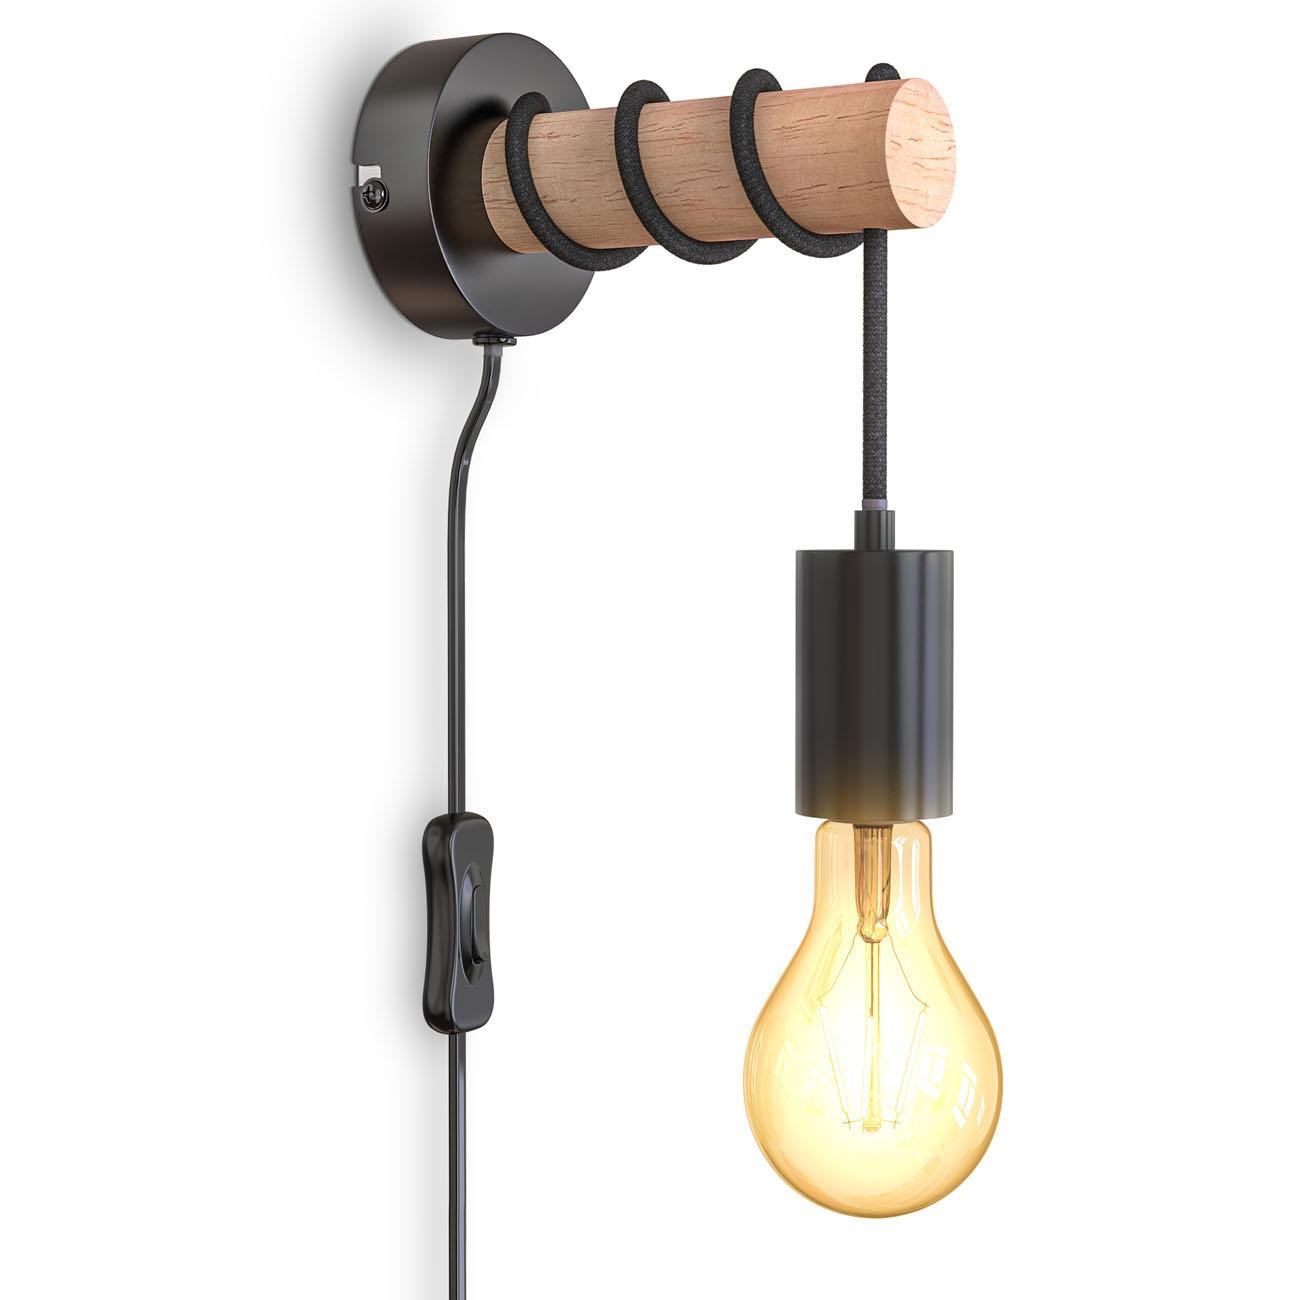 Retro Wandleuchte Metall-Holz-Optik mit Schalter schwarz E27